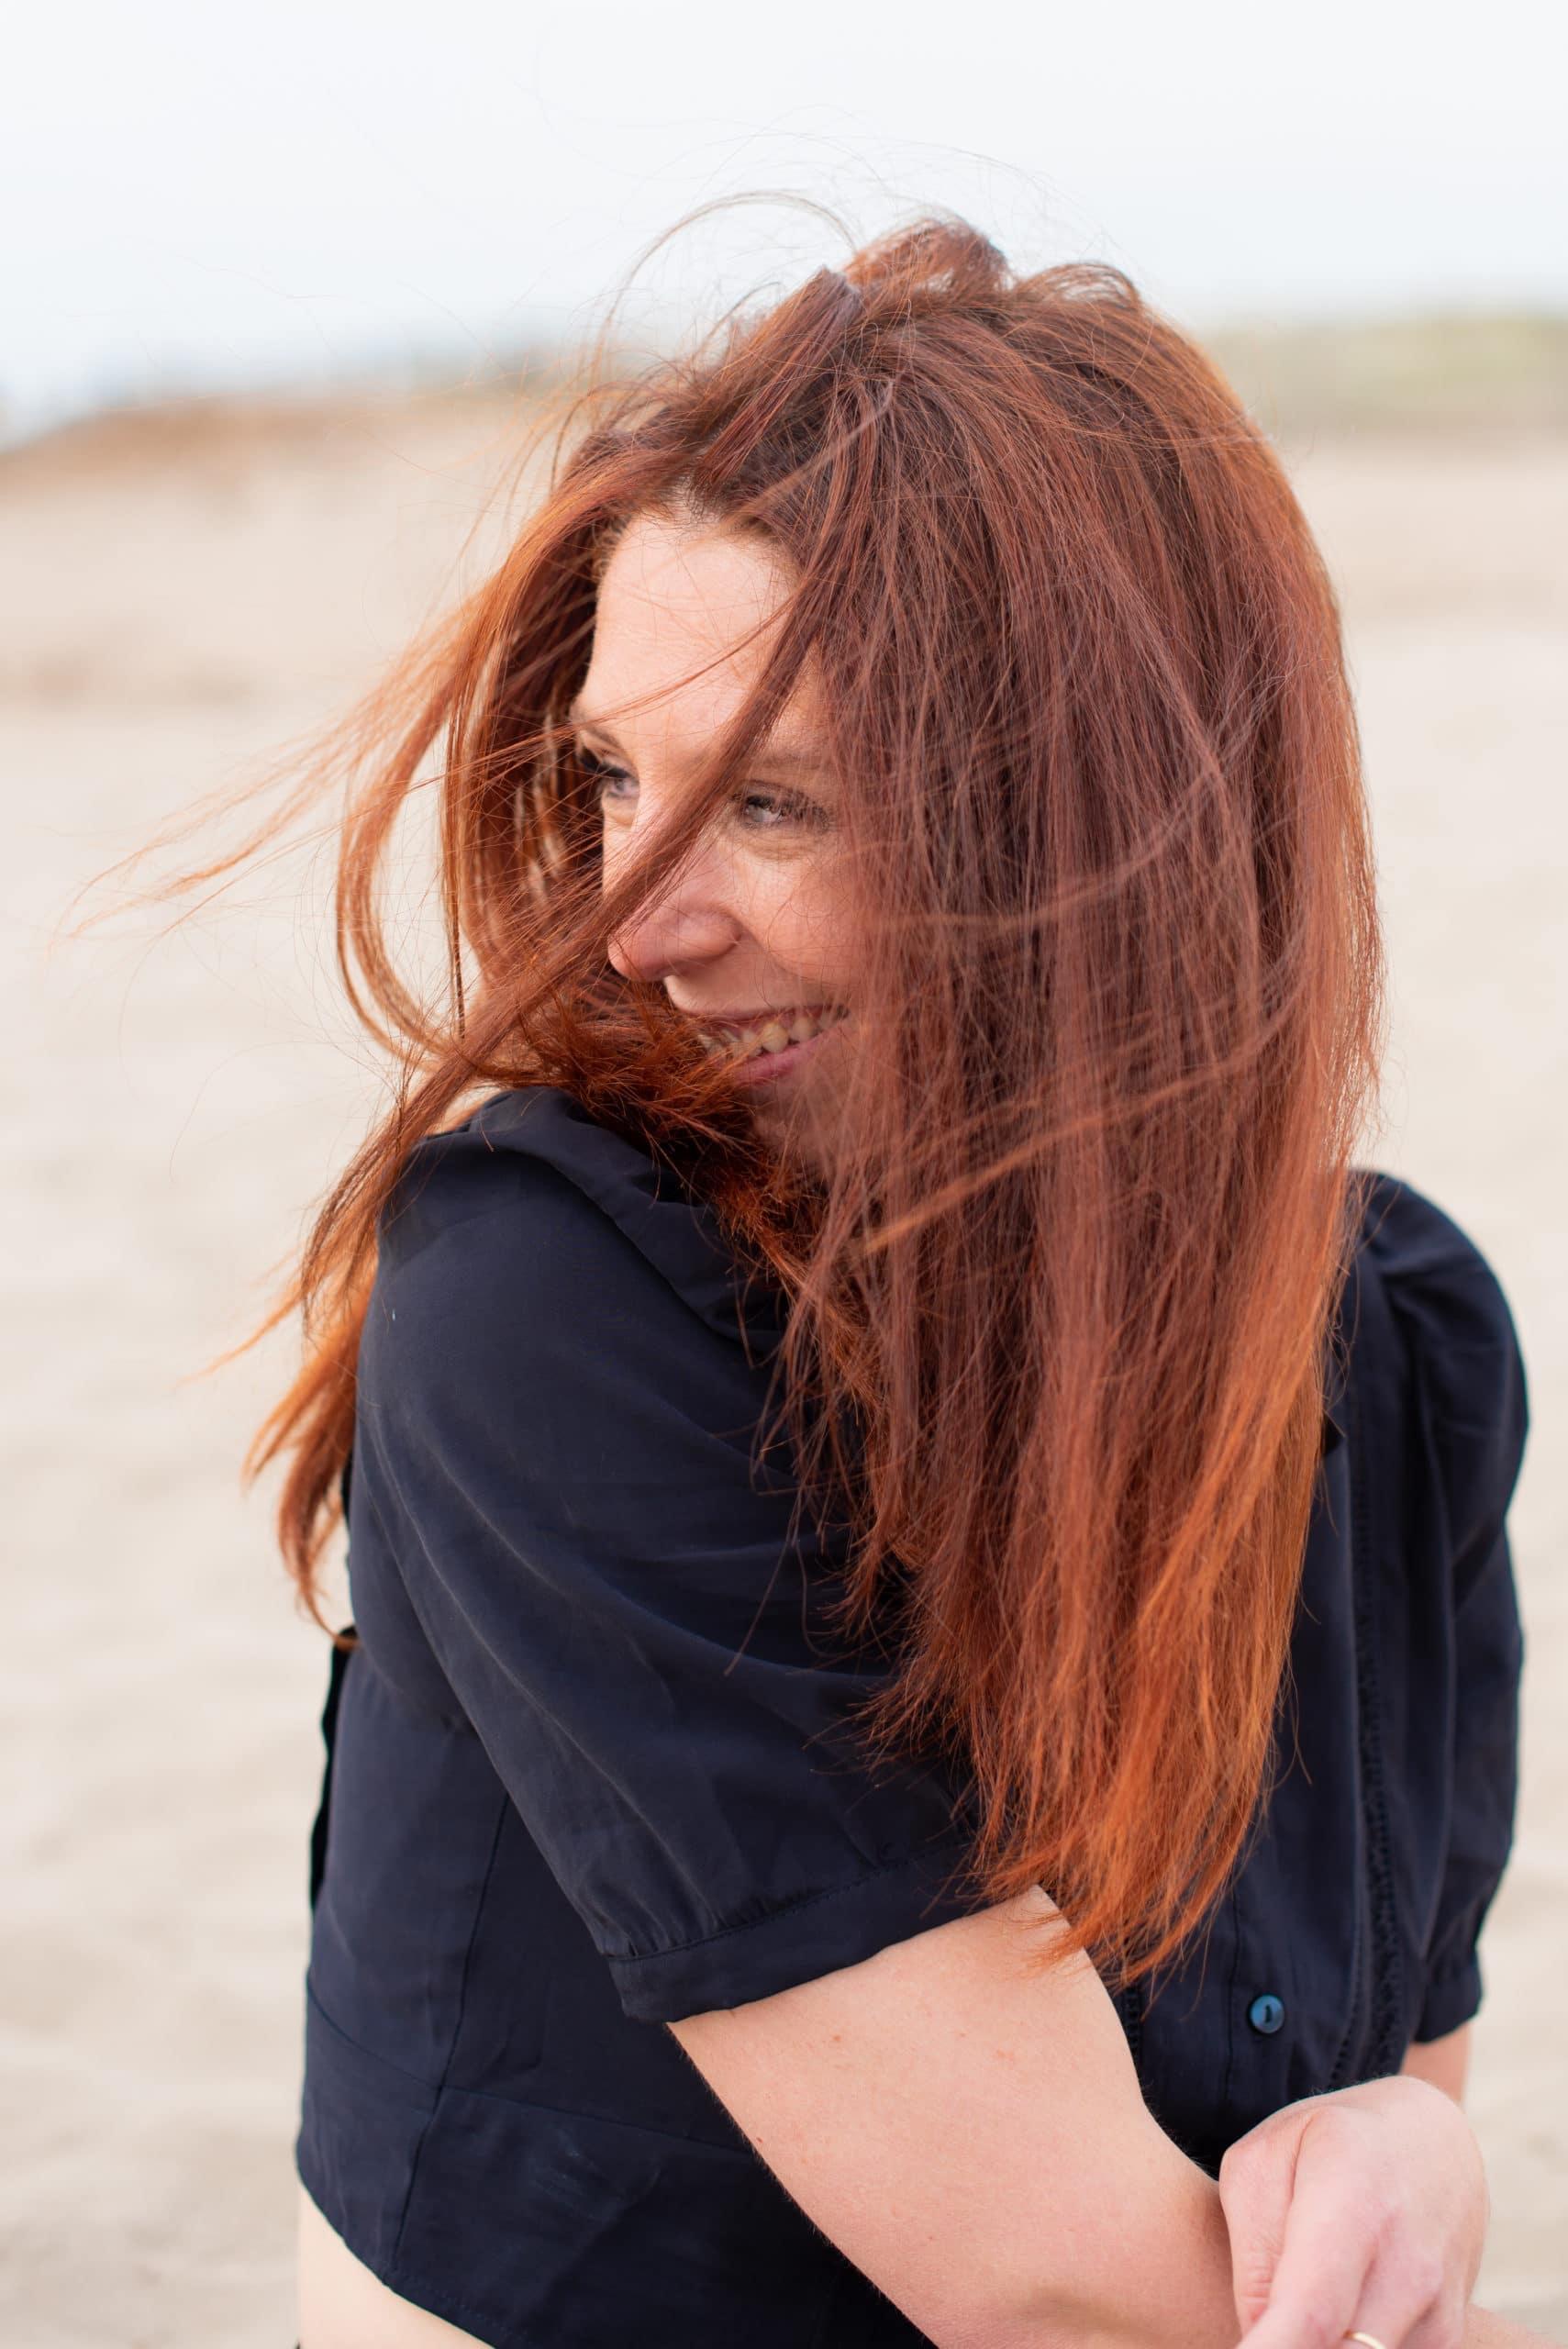 femme portrait vent dans cheveux rire noir et blanc